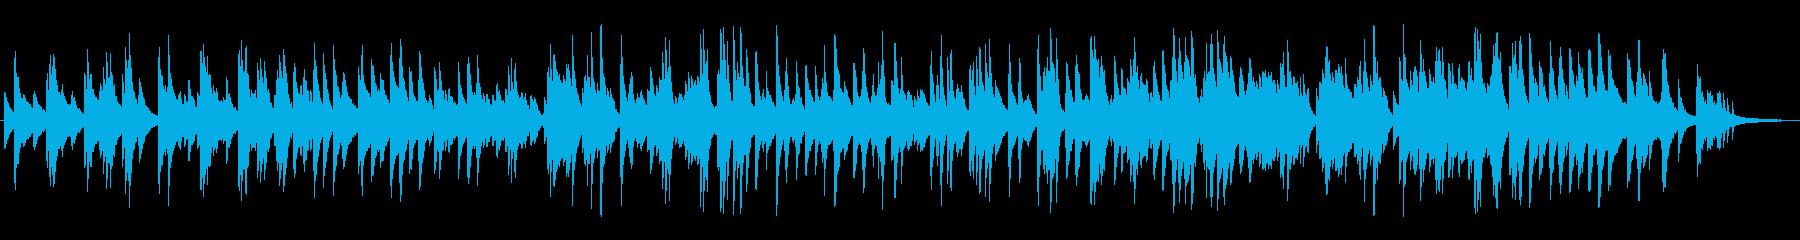 懐かしい曲のジャズラウンジピアノソロの再生済みの波形